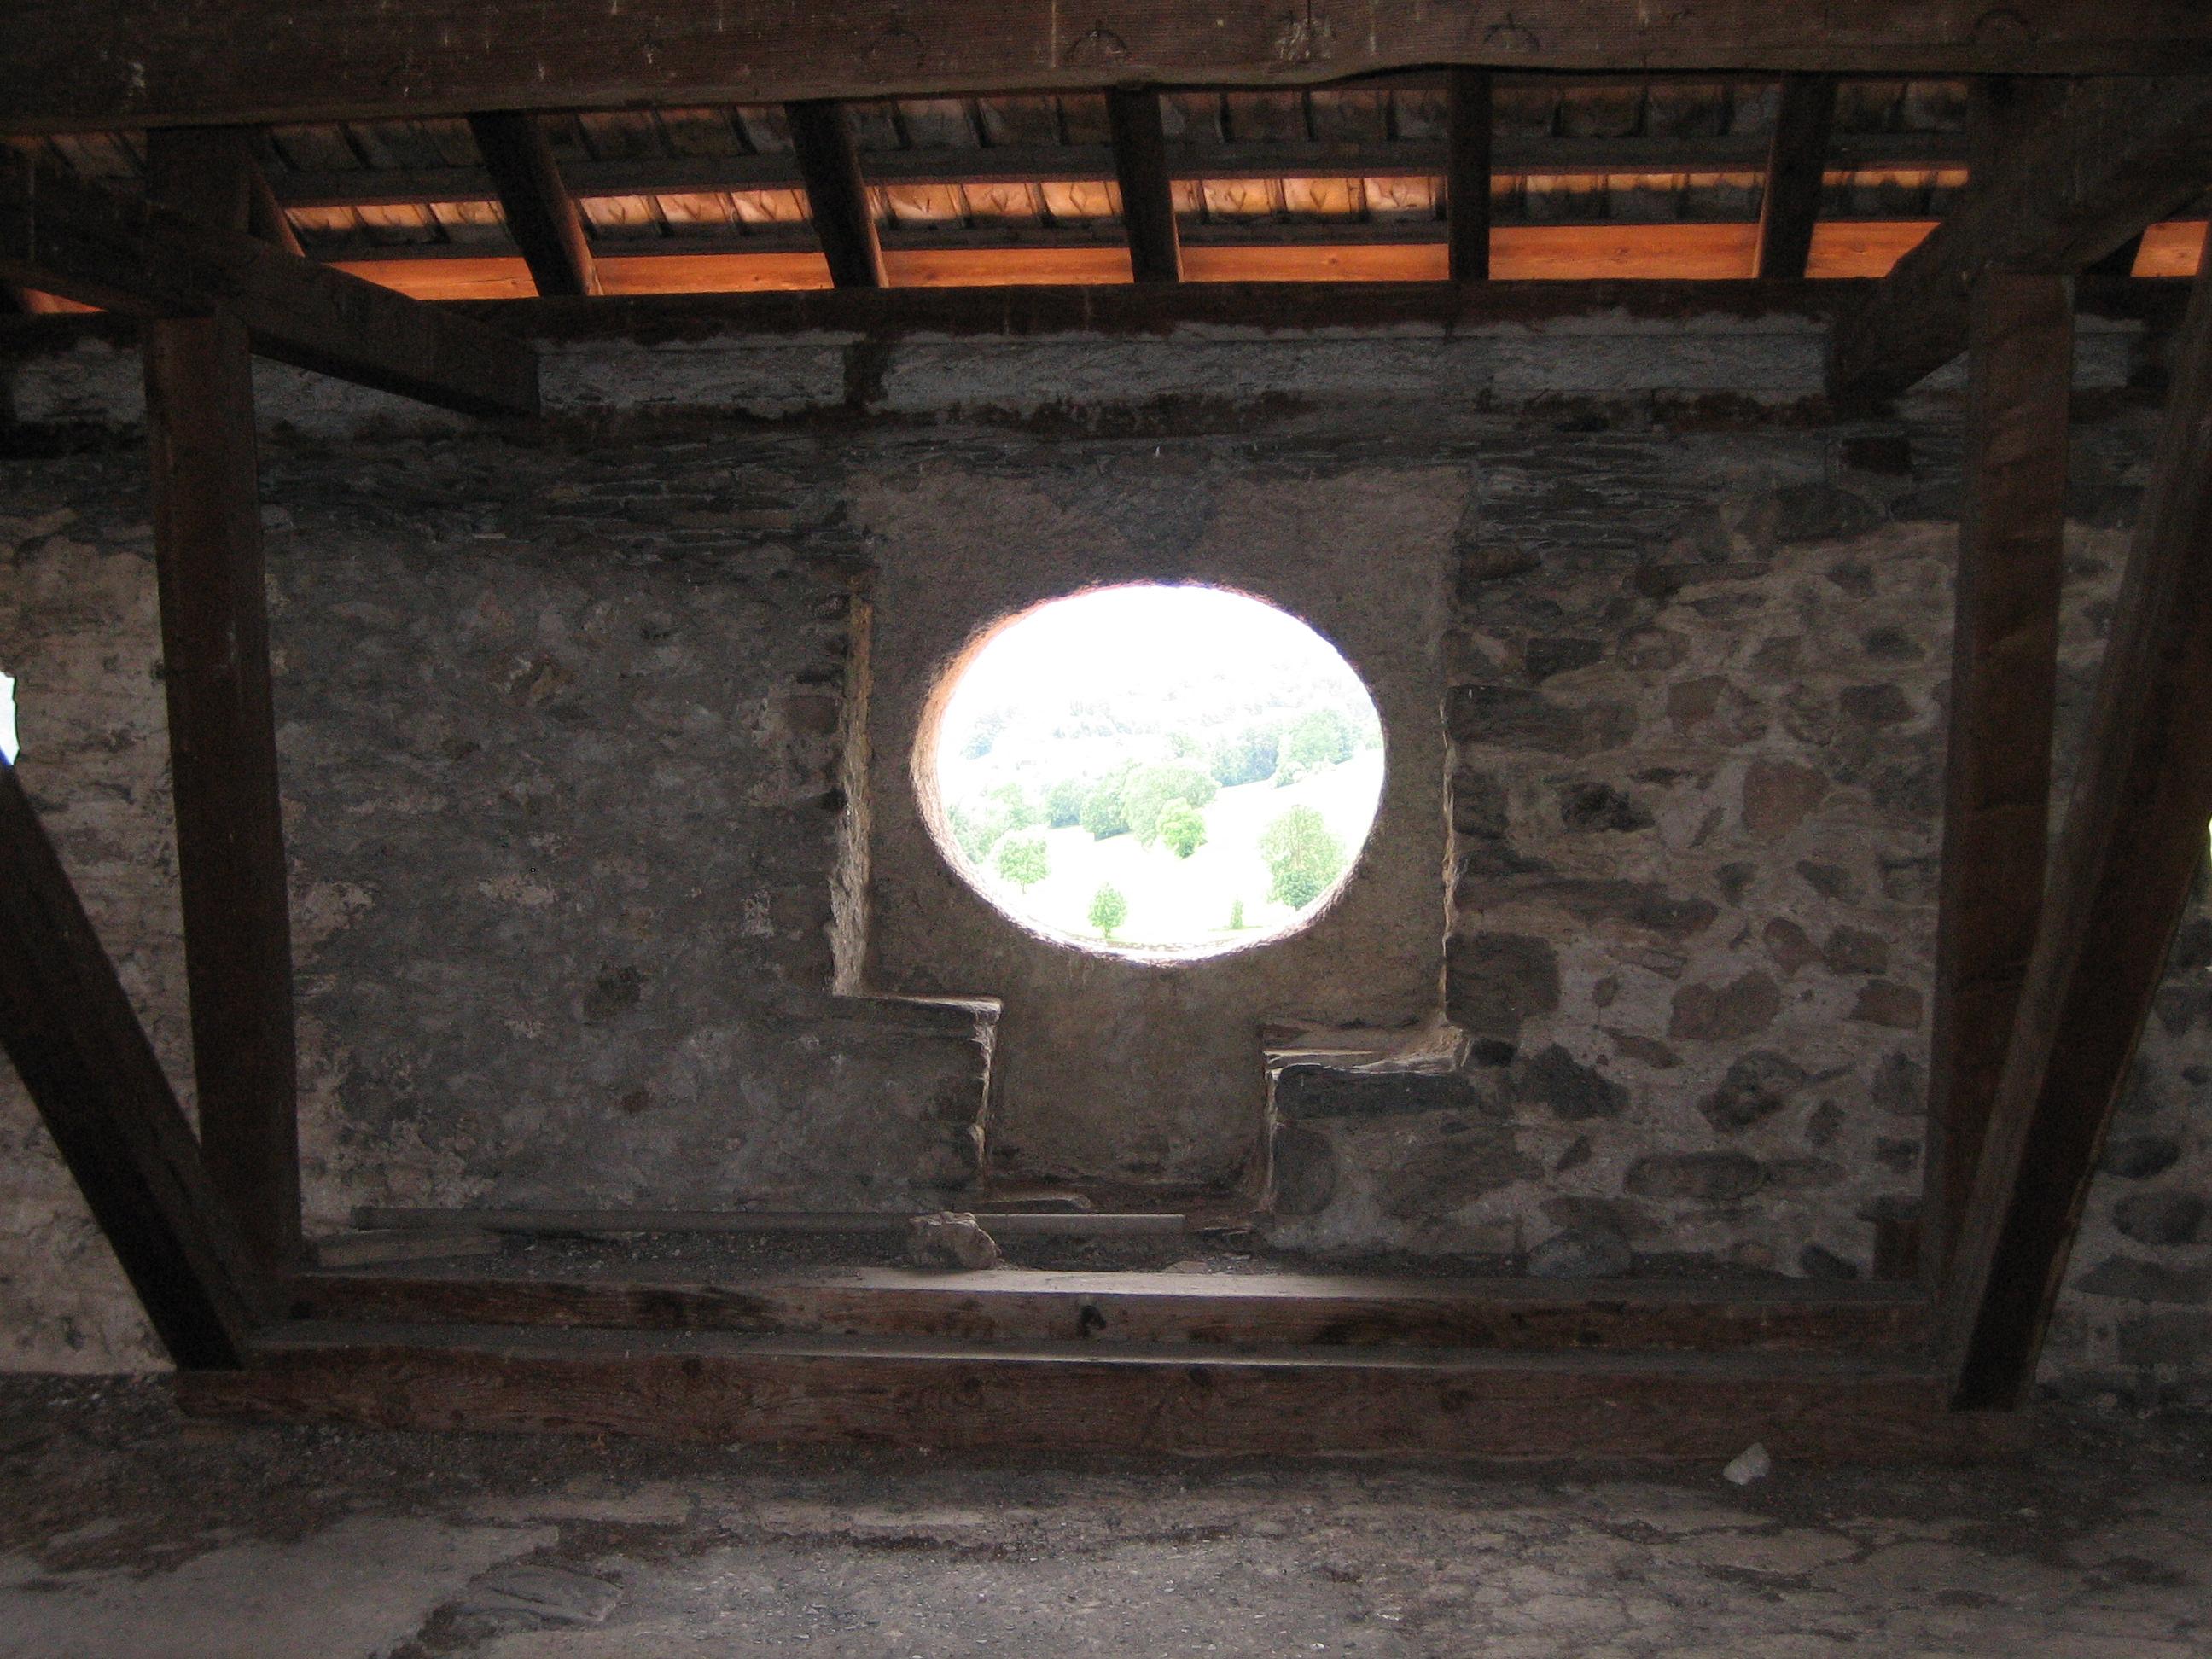 Fenster Rietberg datei rietberg turm innen1 jpg